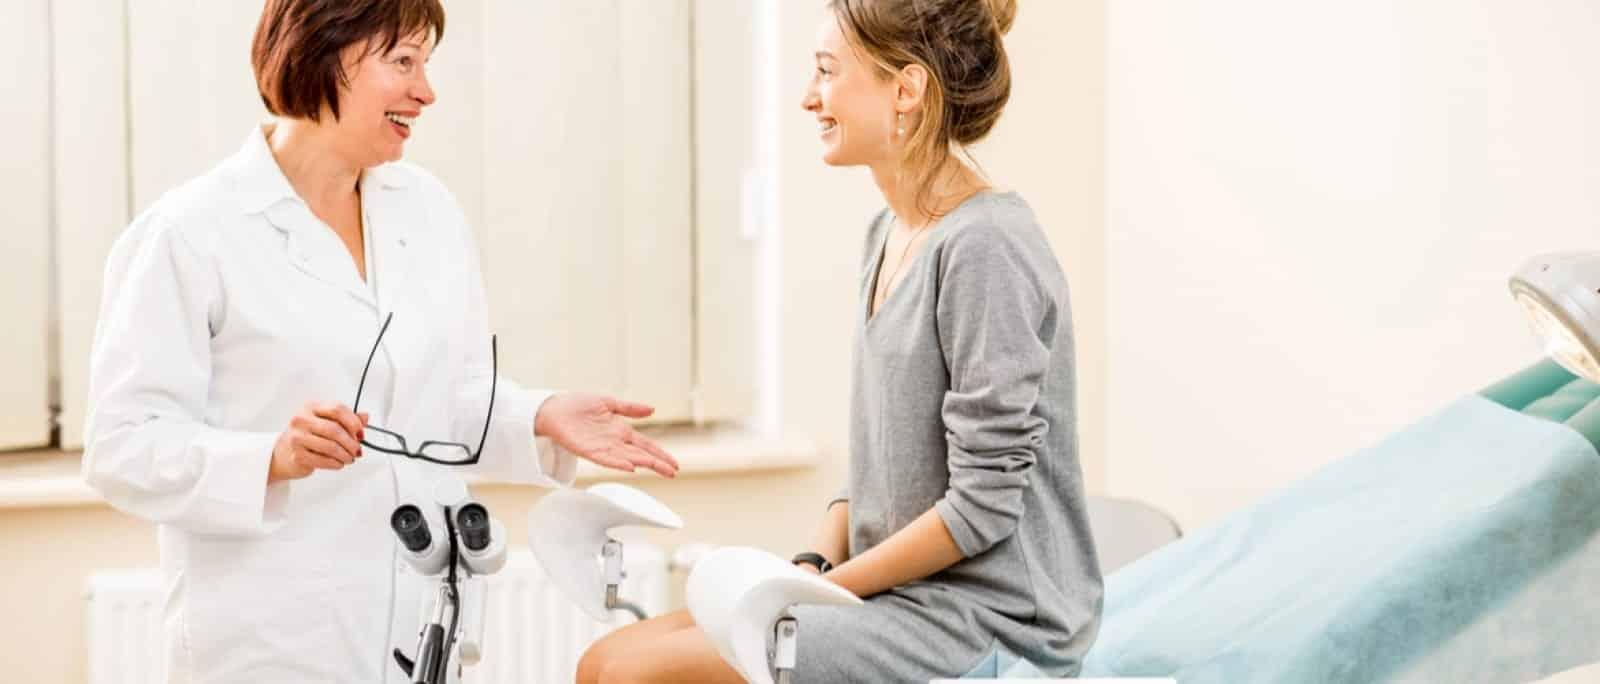 Conheça o médico ginecologista online e tire suas dúvidas